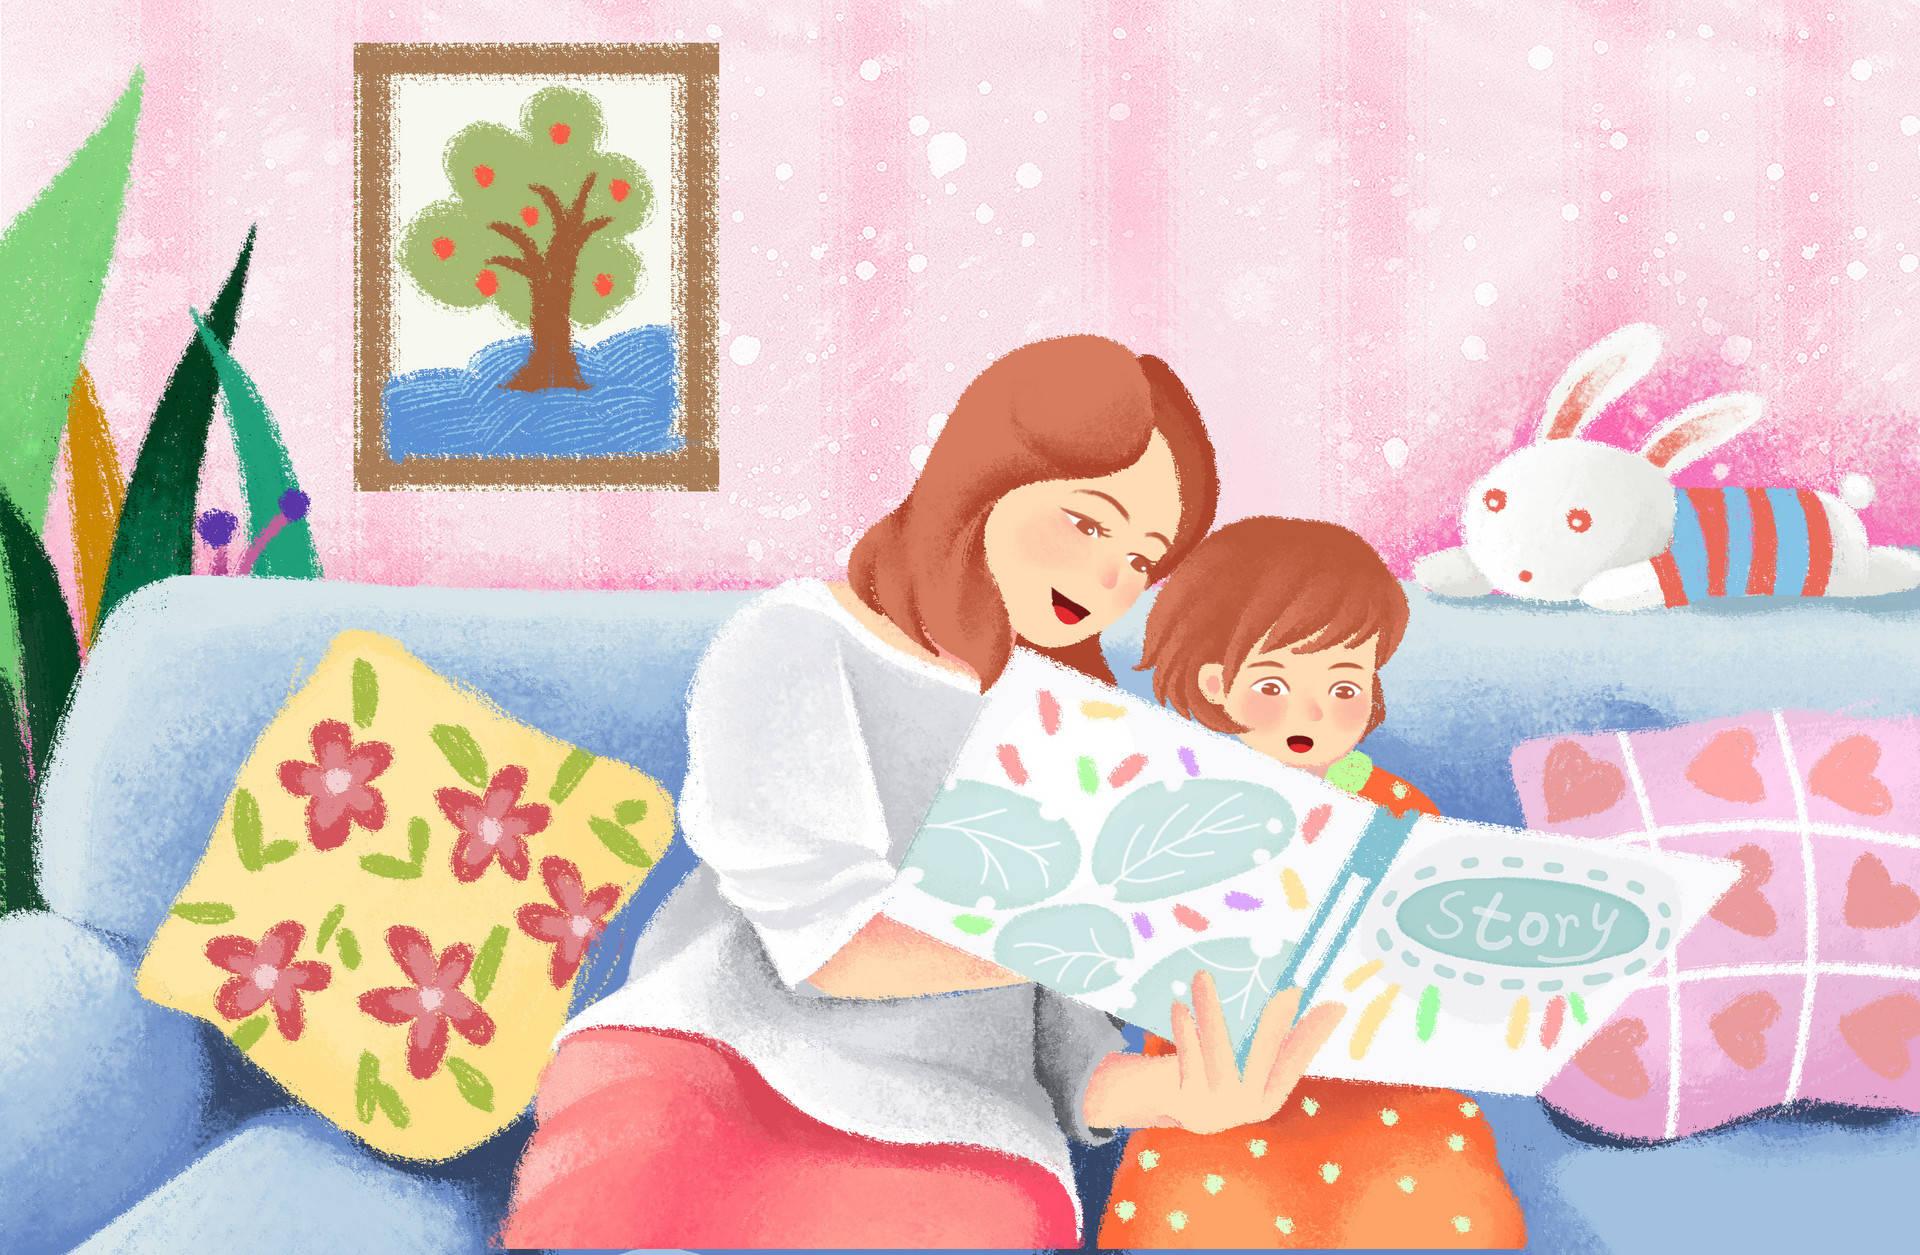 寒假陪娃,正是亲子陪伴好时光,努力做到这4点,让孩子更优秀